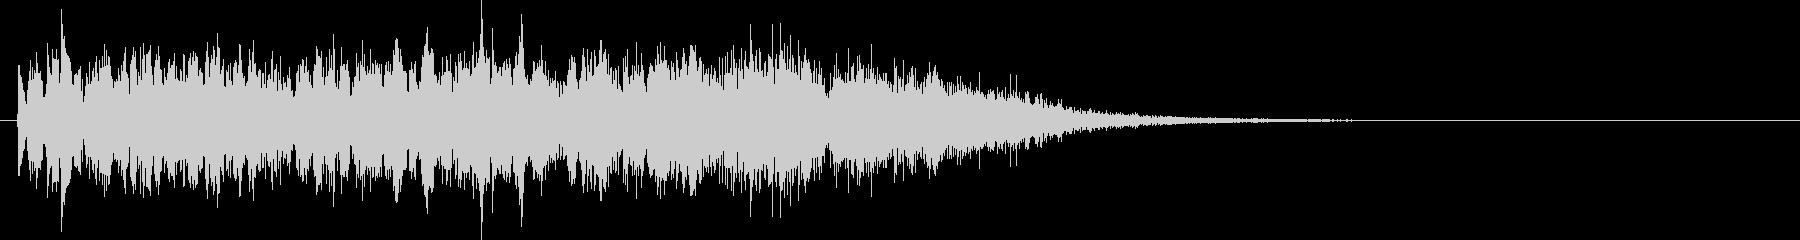 ビーム 光線 ピロピロ エネルギー系の音の未再生の波形